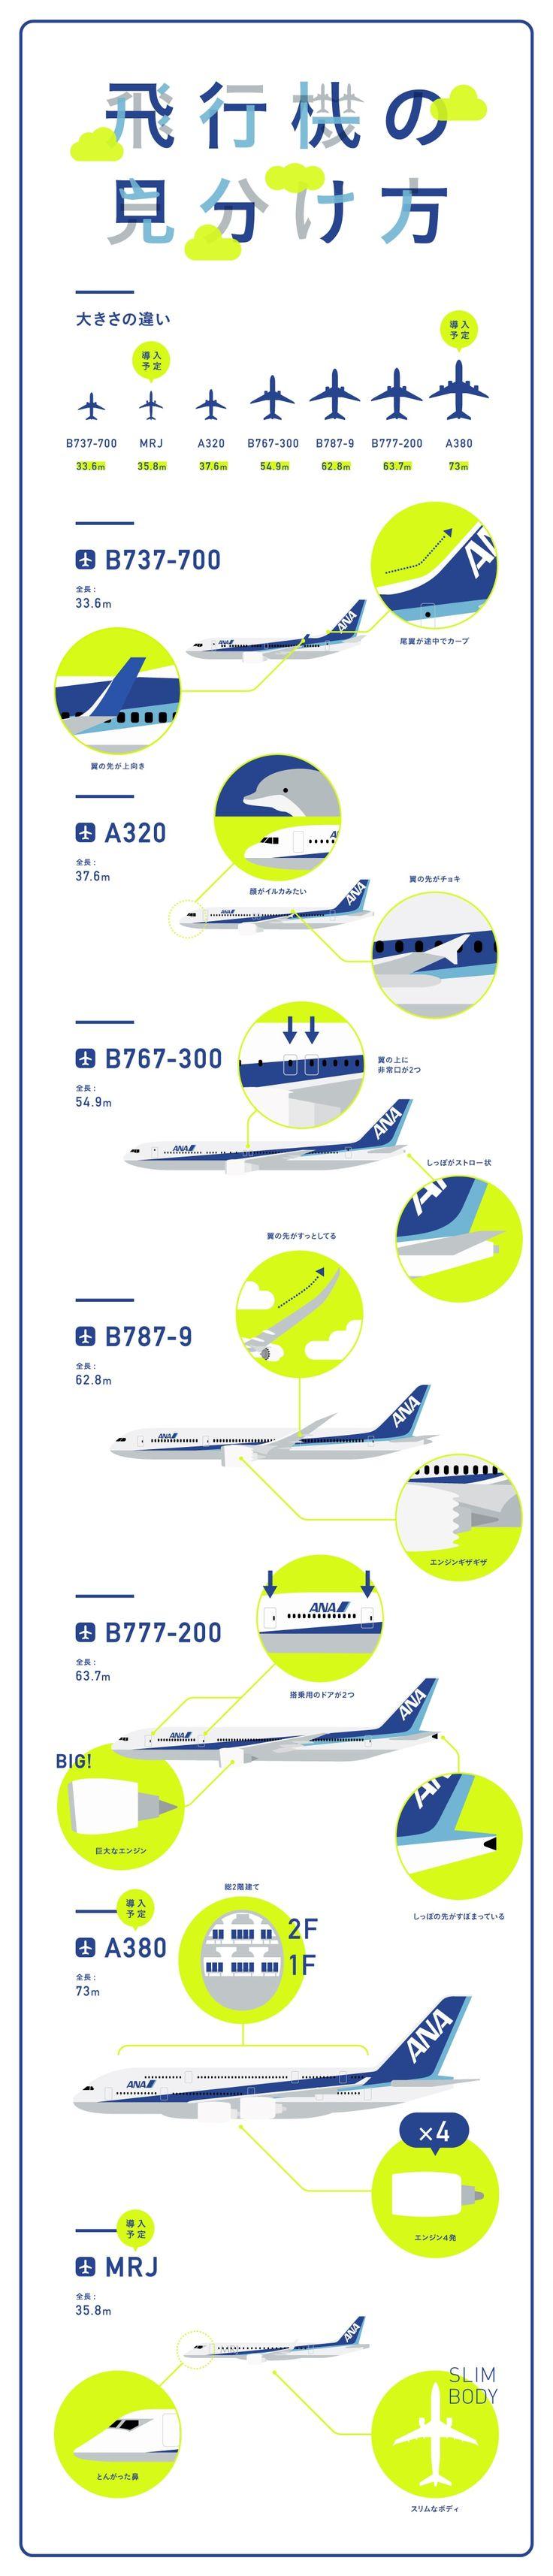 飛行機の見分け方|Infographics|ANA Travel & Lifehttps://www.ana.co.jp/travelandlife/infographics/vol17/